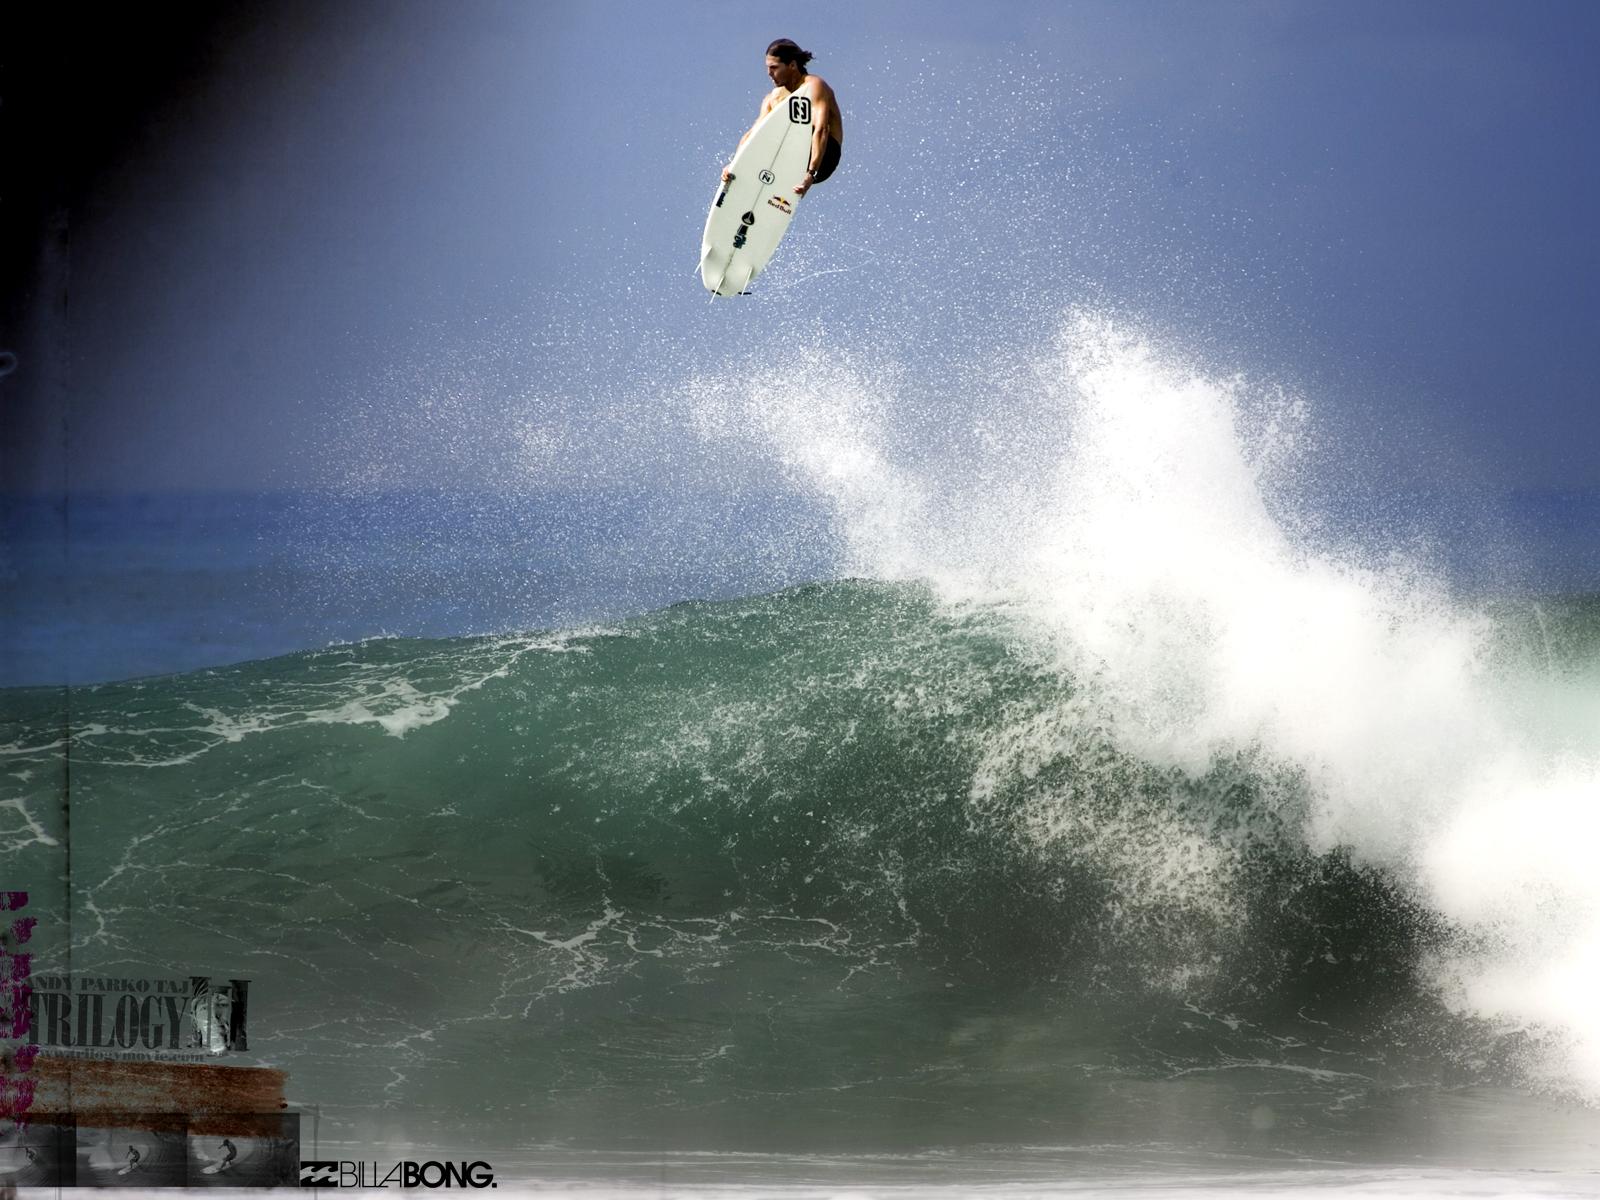 http://1.bp.blogspot.com/_7j_v4FEo43E/TNCY23WxozI/AAAAAAAAAH0/Rc1p5039ZUw/s1600/Andy-Irons-Billabong-Surfing-Wallpaper%2BAir-744654.jpeg